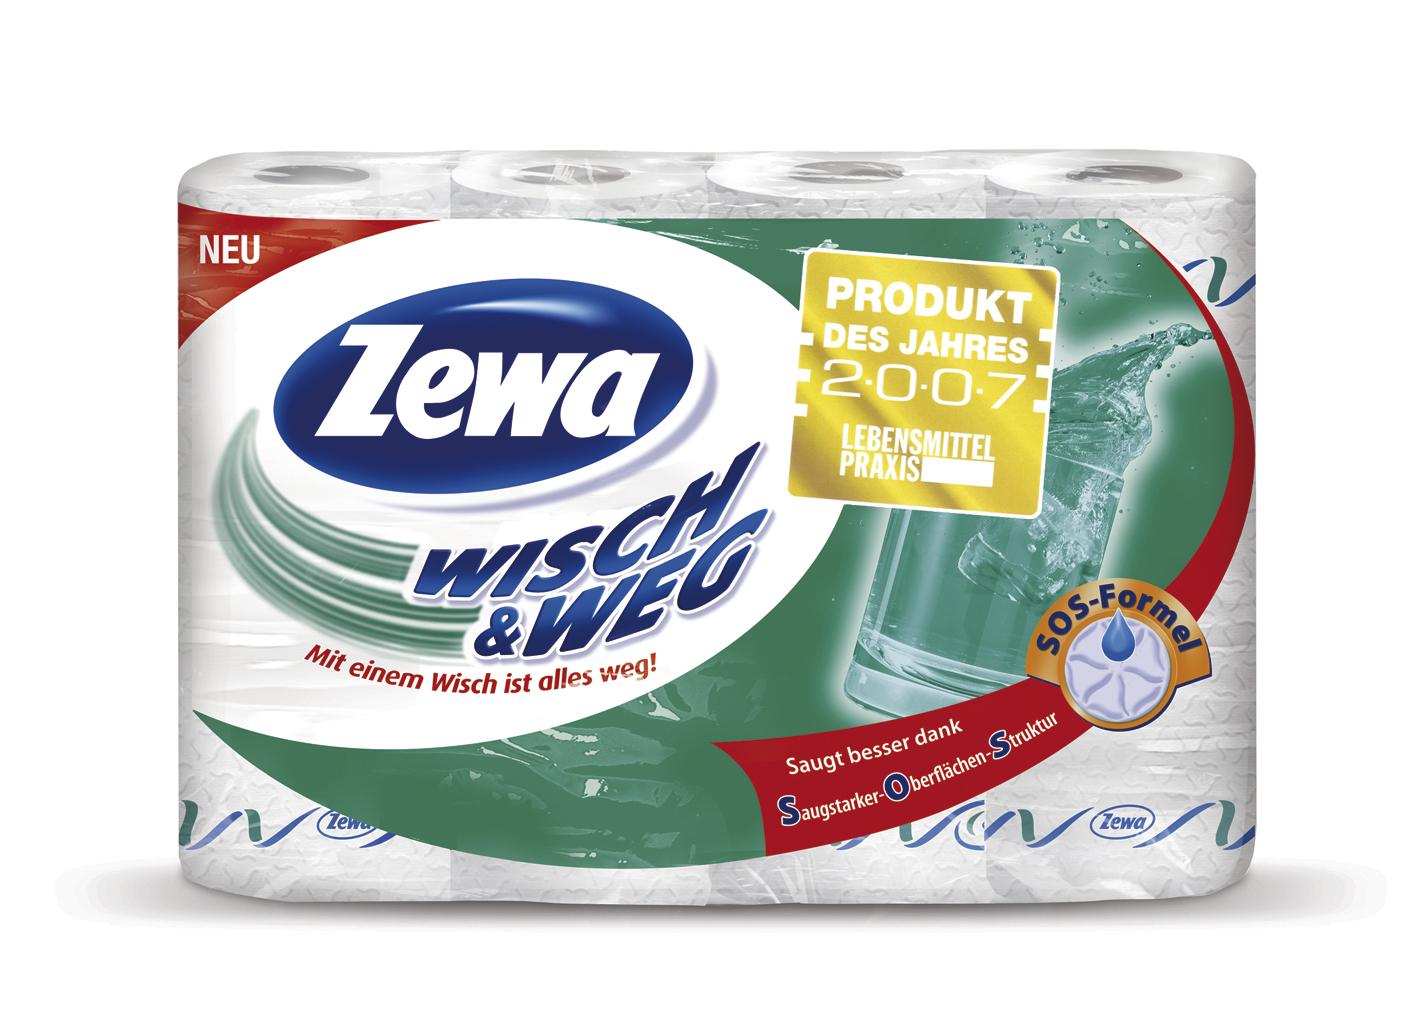 Zewa_Wisch_Und_Weg_2007.jpg